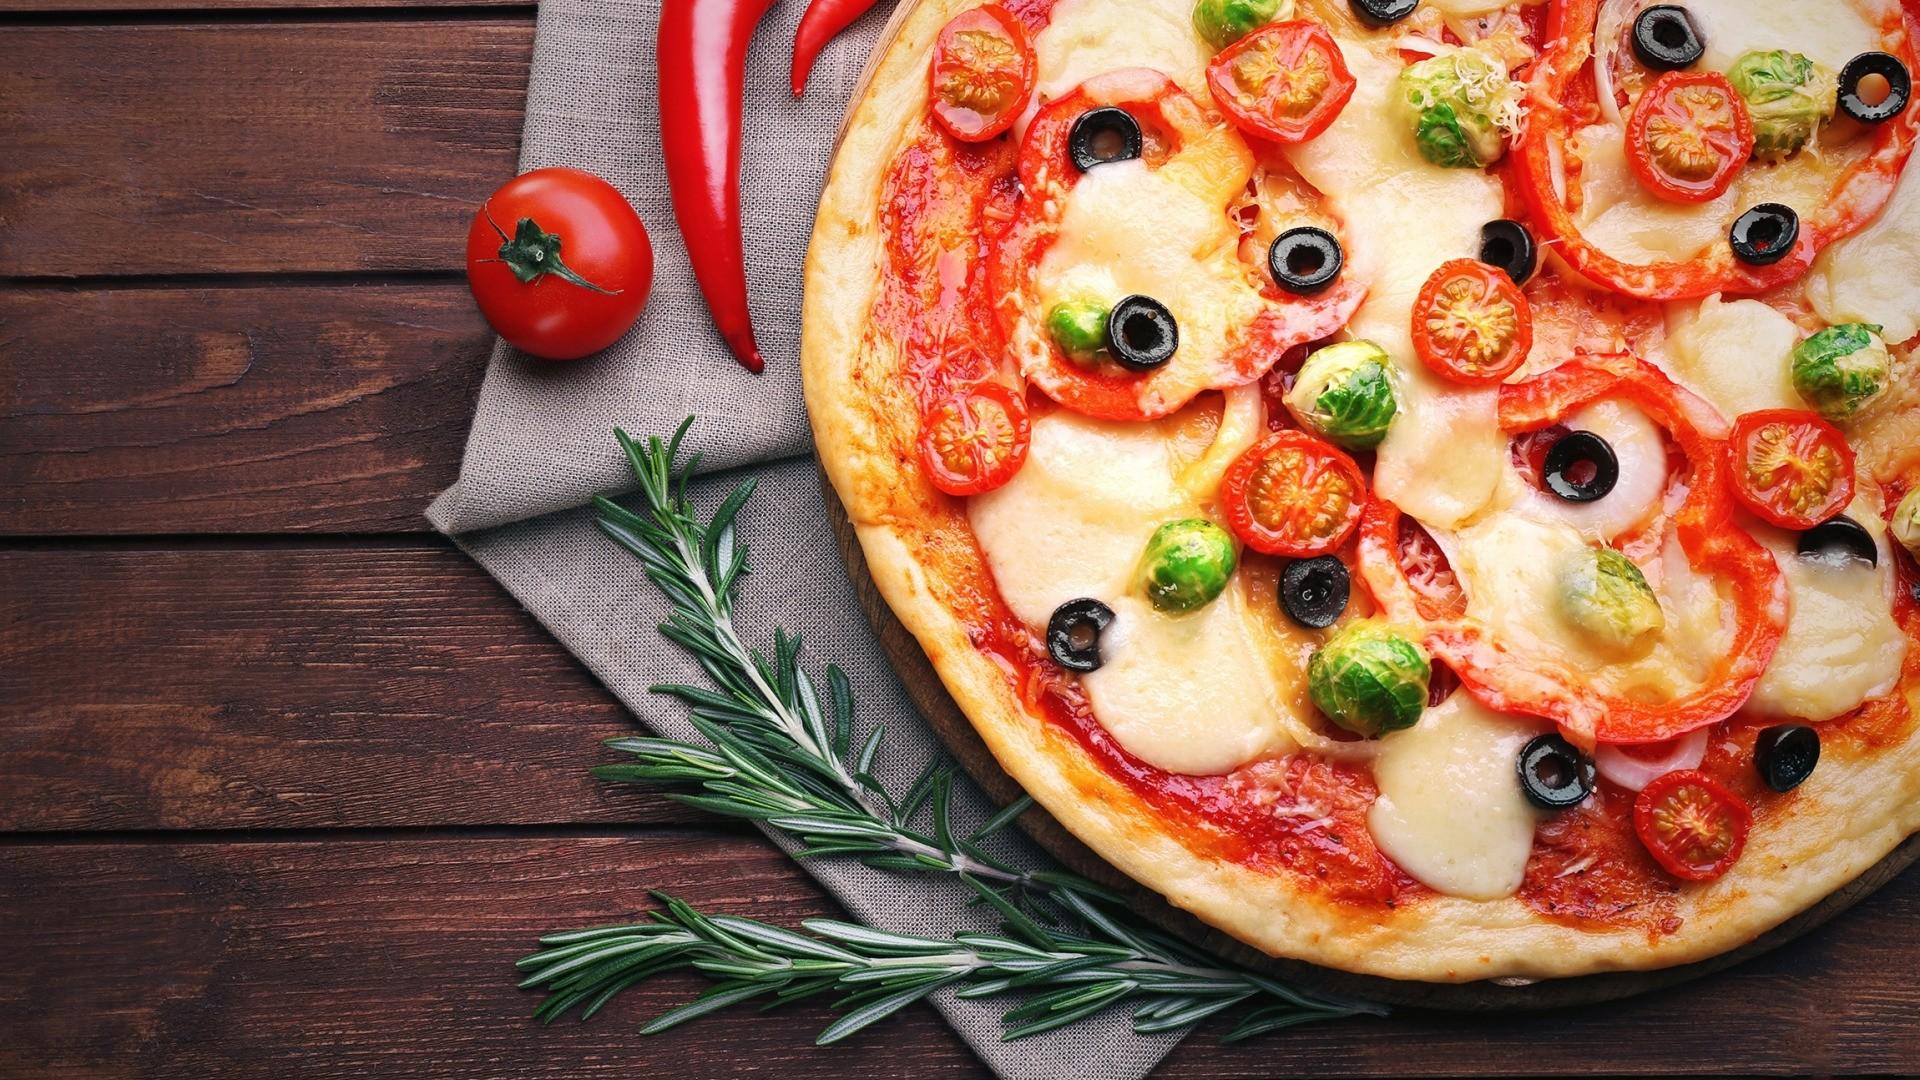 Pizza computer wallpaper